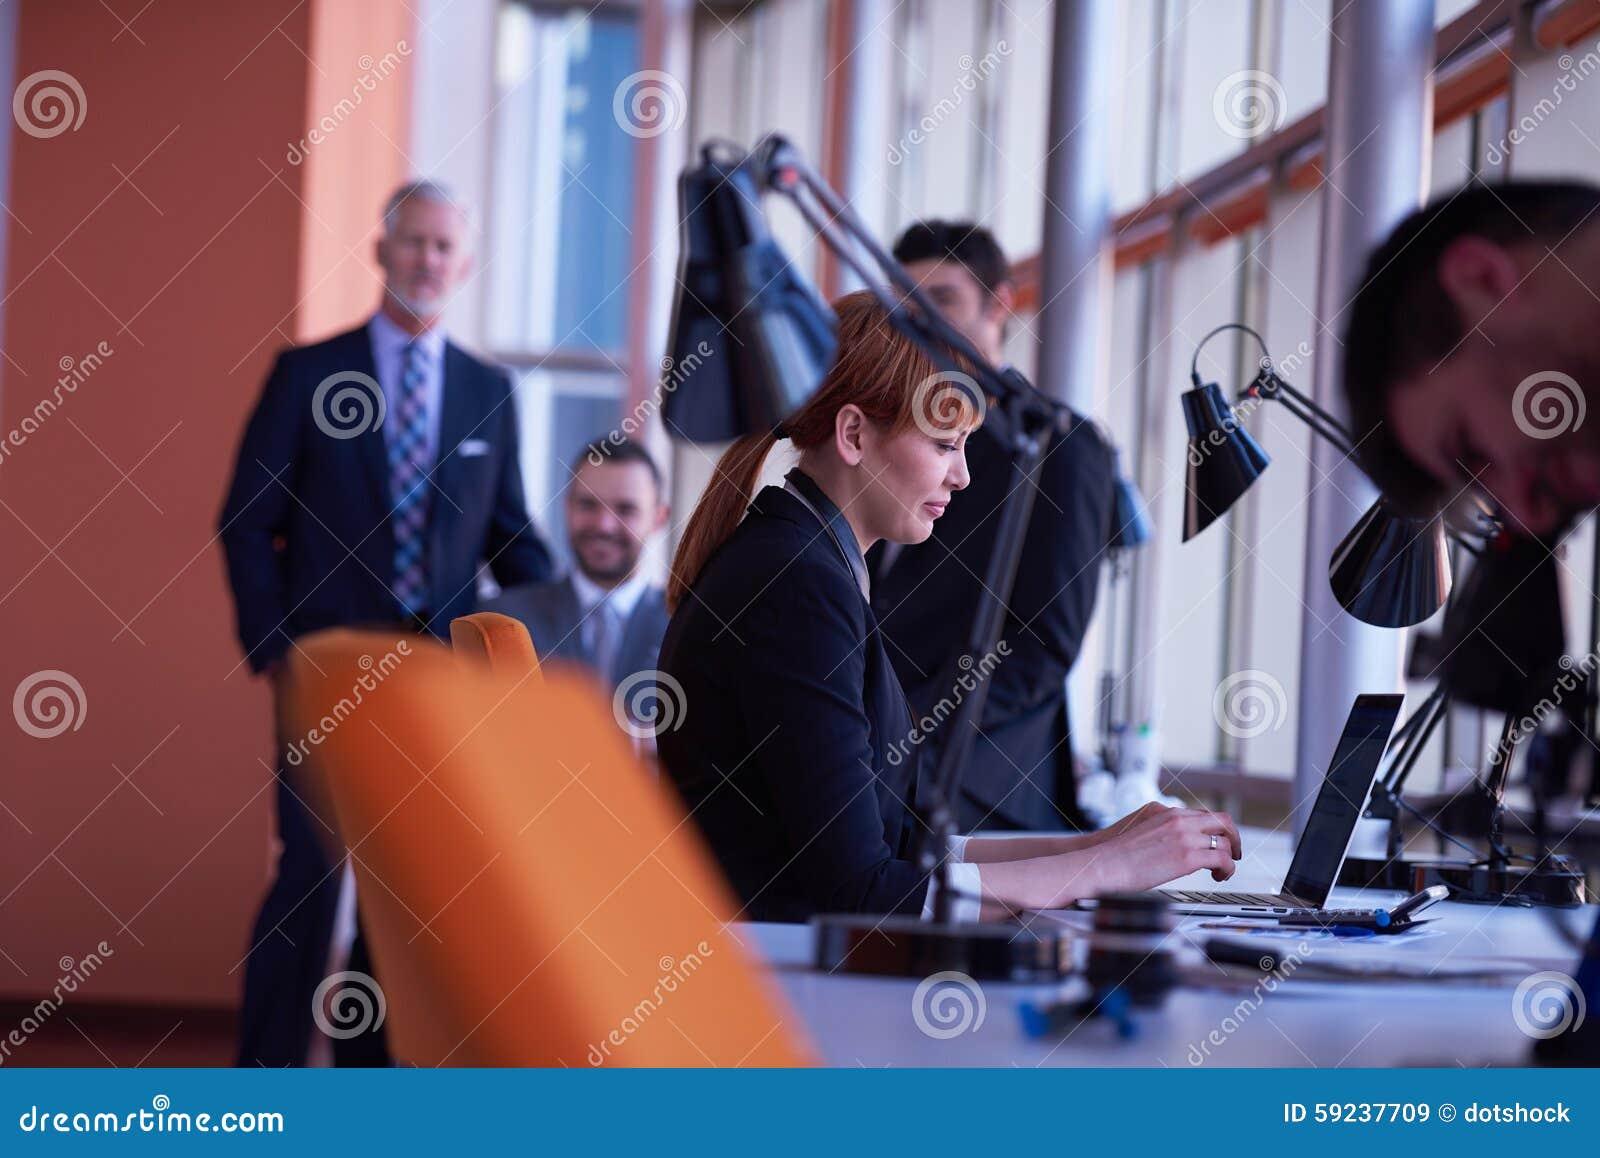 Download Los Hombres De Negocios Agrupan En La Oficina Imagen de archivo - Imagen de dentro, leader: 59237709